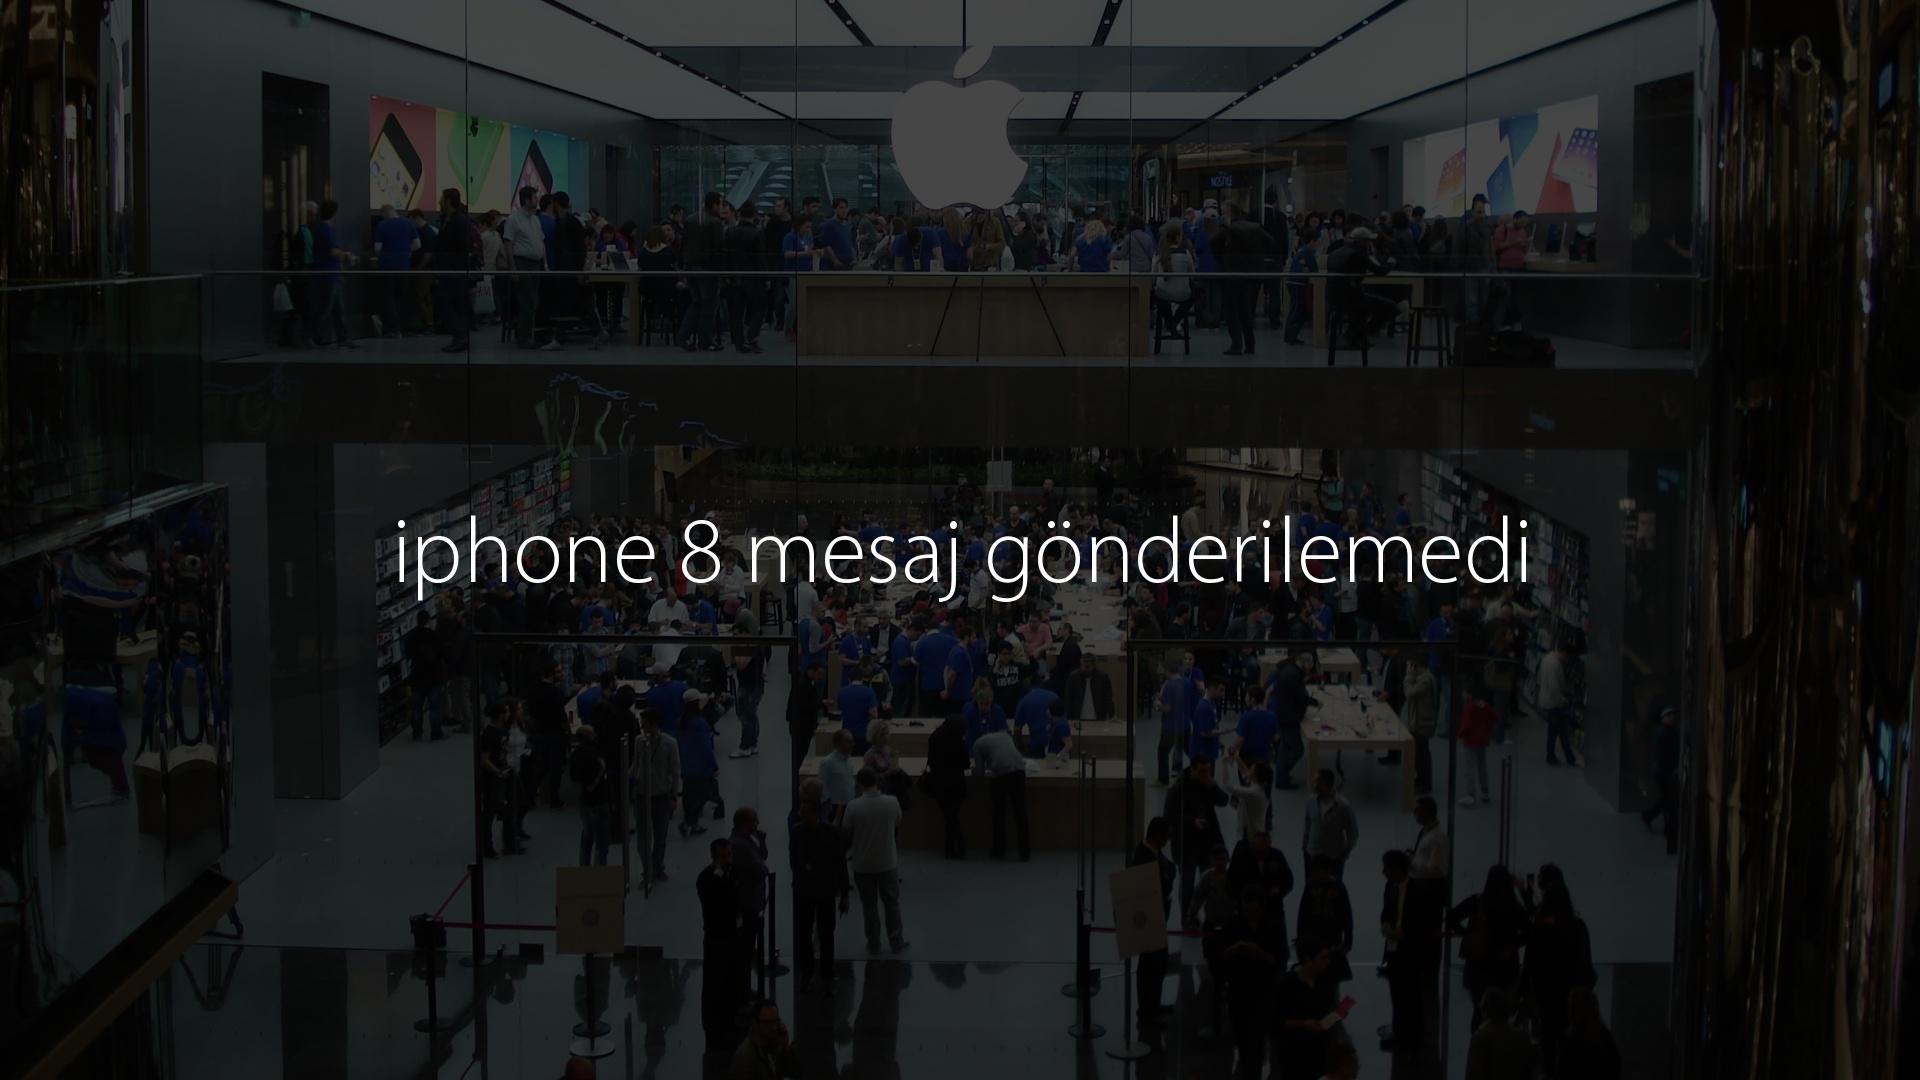 iphone 8 mesaj gönderilemedi